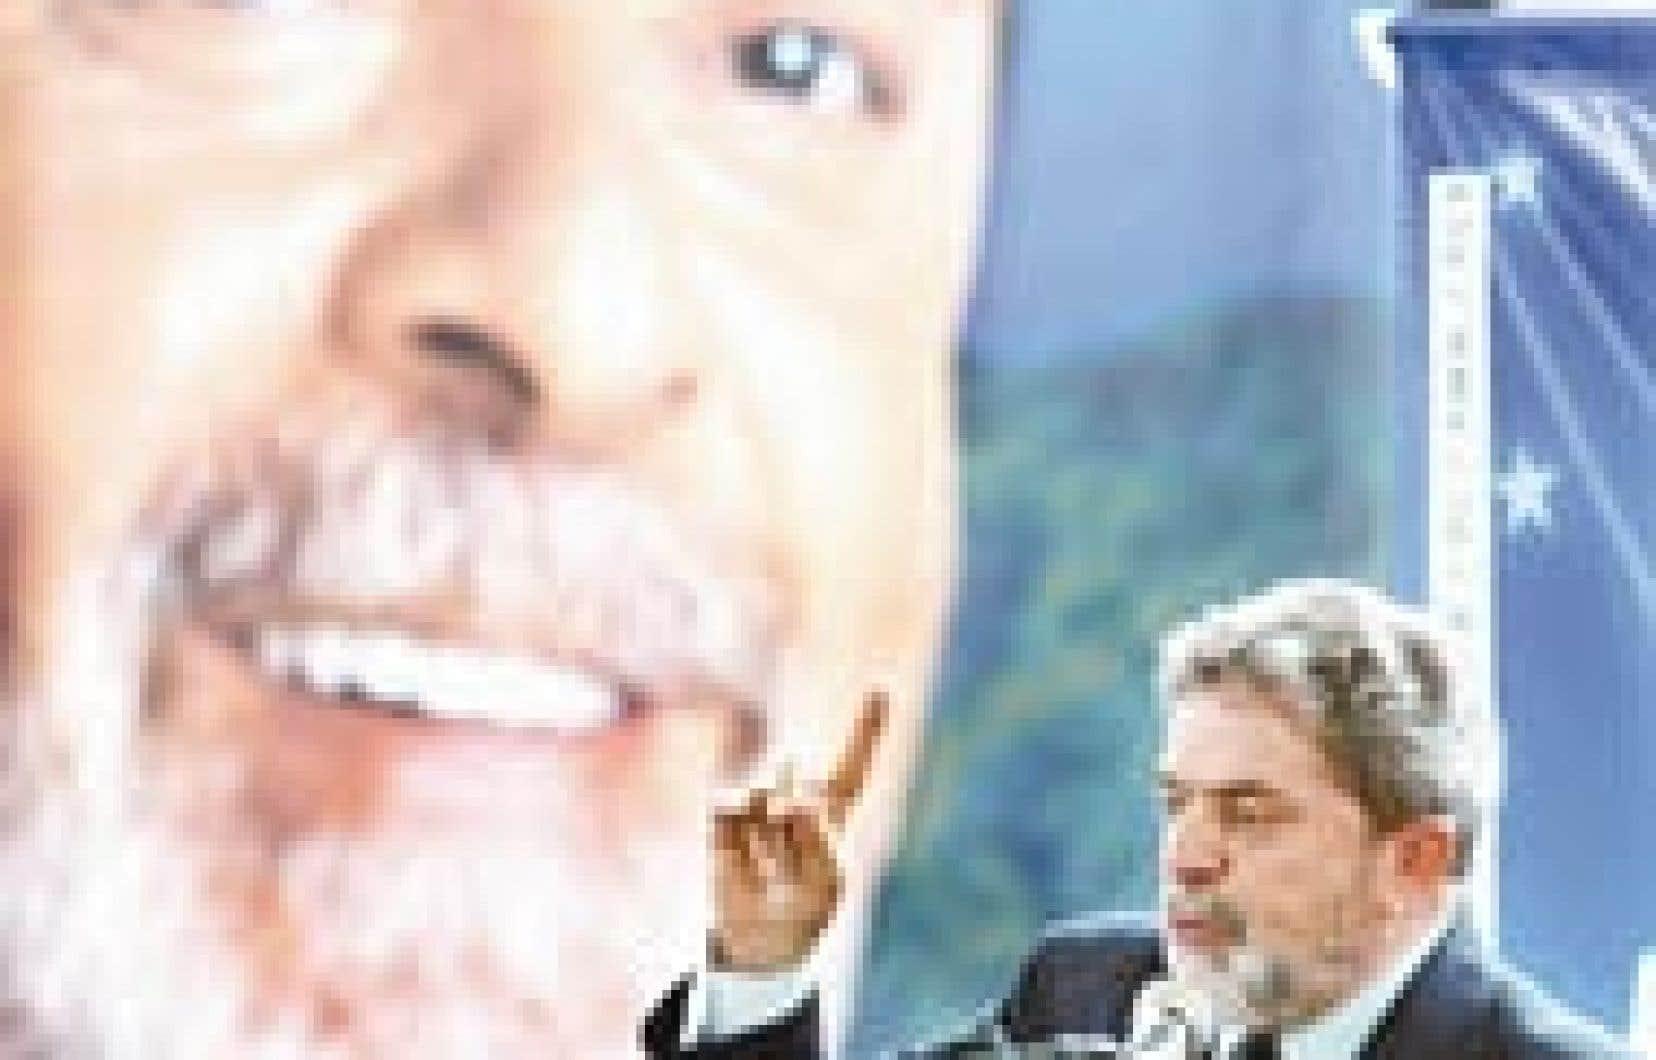 Le candidat du Parti des Travailleurs, Luiz Inacio Lula da Silva, prononçant un discours à Rio de Janeiro le 20 septembre. L'ancien syndicaliste pourrait l'emporter dès le premier tour de l'élection présidentielle, qui a lieu dimanche.